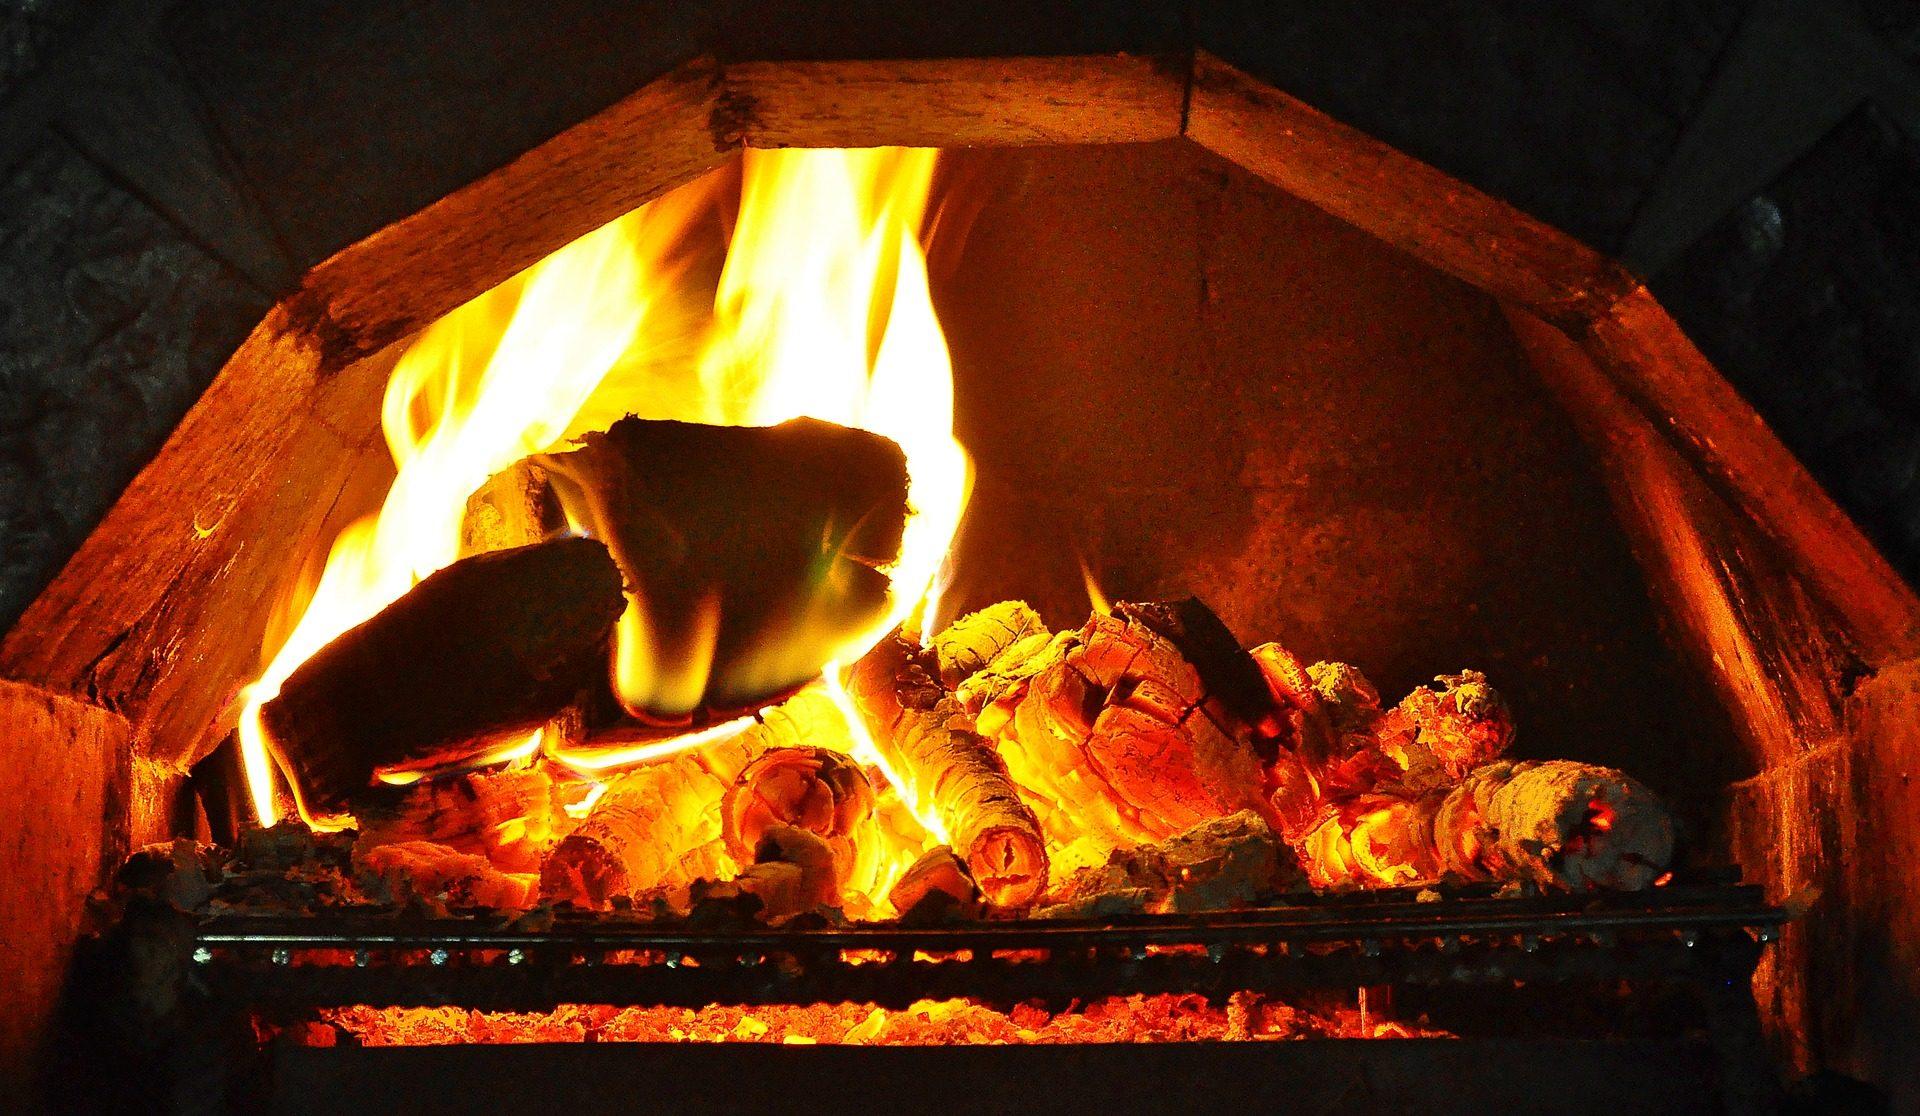 lareira, fogo, brasas, forno, flama, lenha - Papéis de parede HD - Professor-falken.com